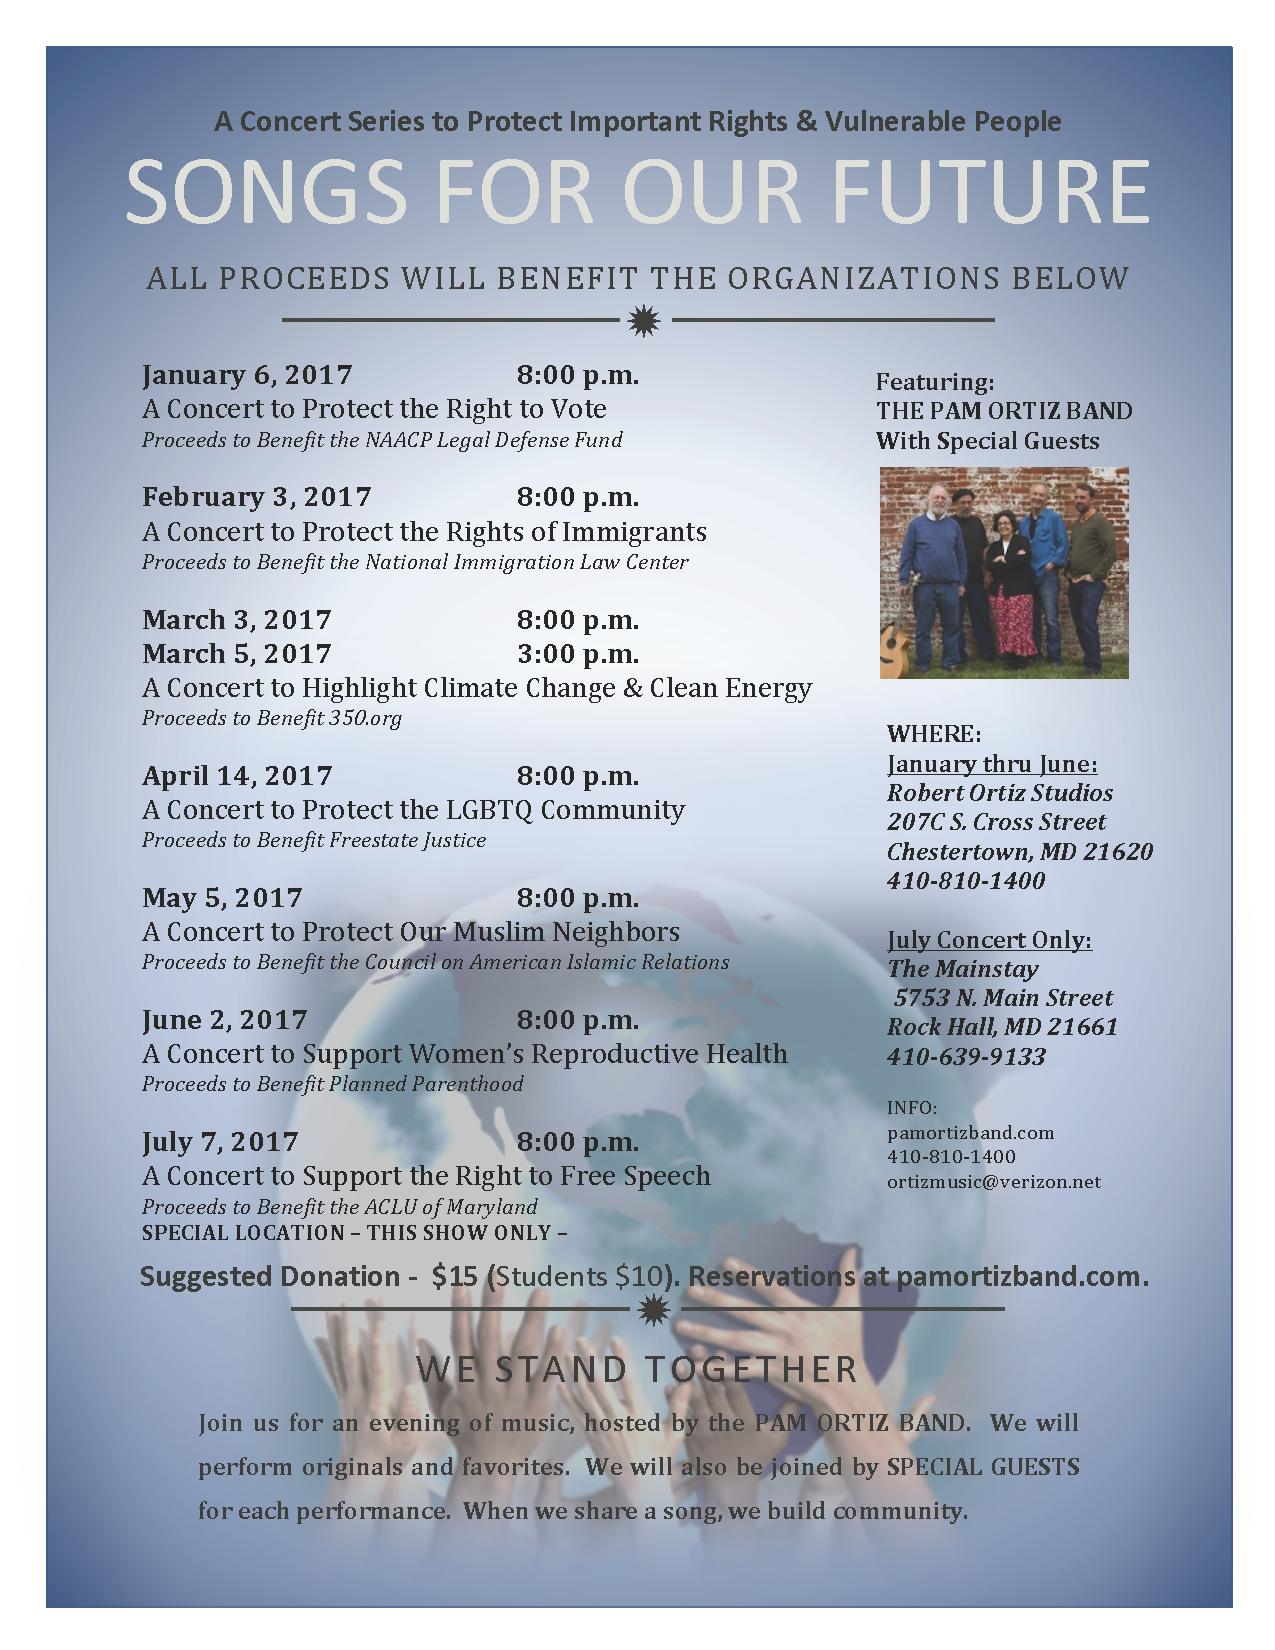 concert series flyer